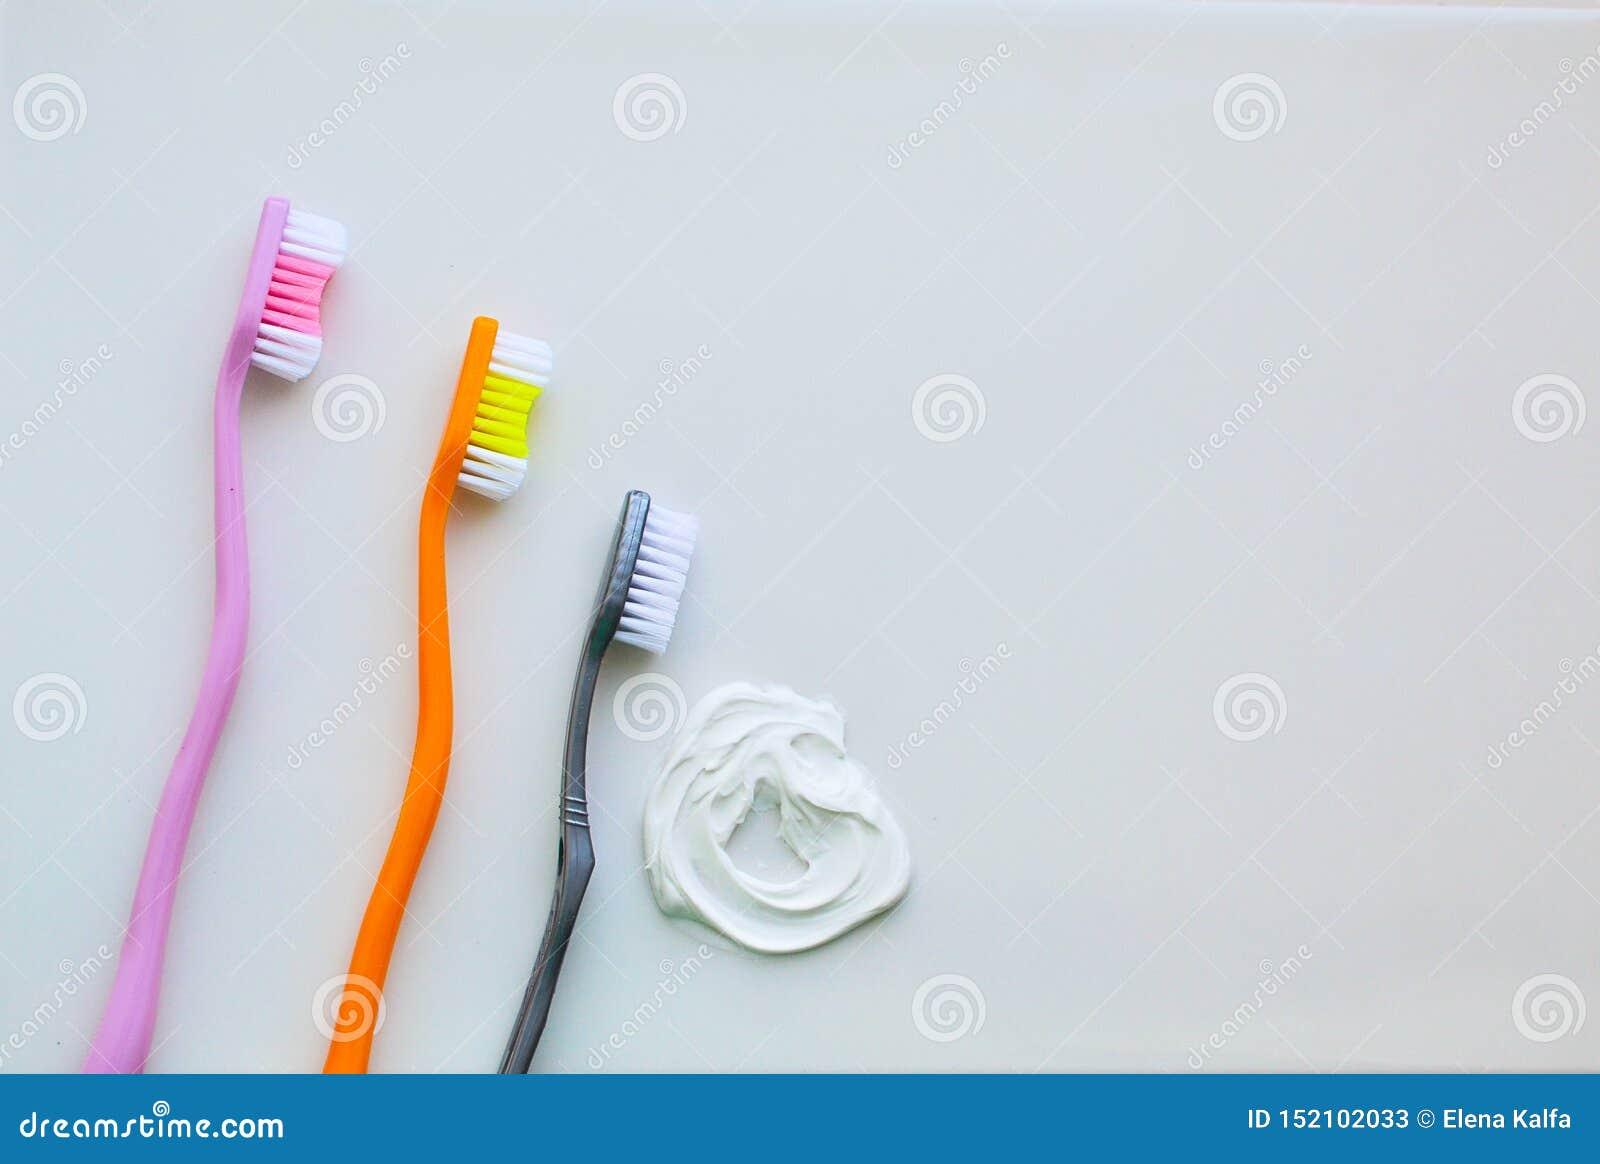 Trzy toothbrushes na białym tle białej pascie do zębów i Pojęcie stomatologiczna higiena, osobista opieka